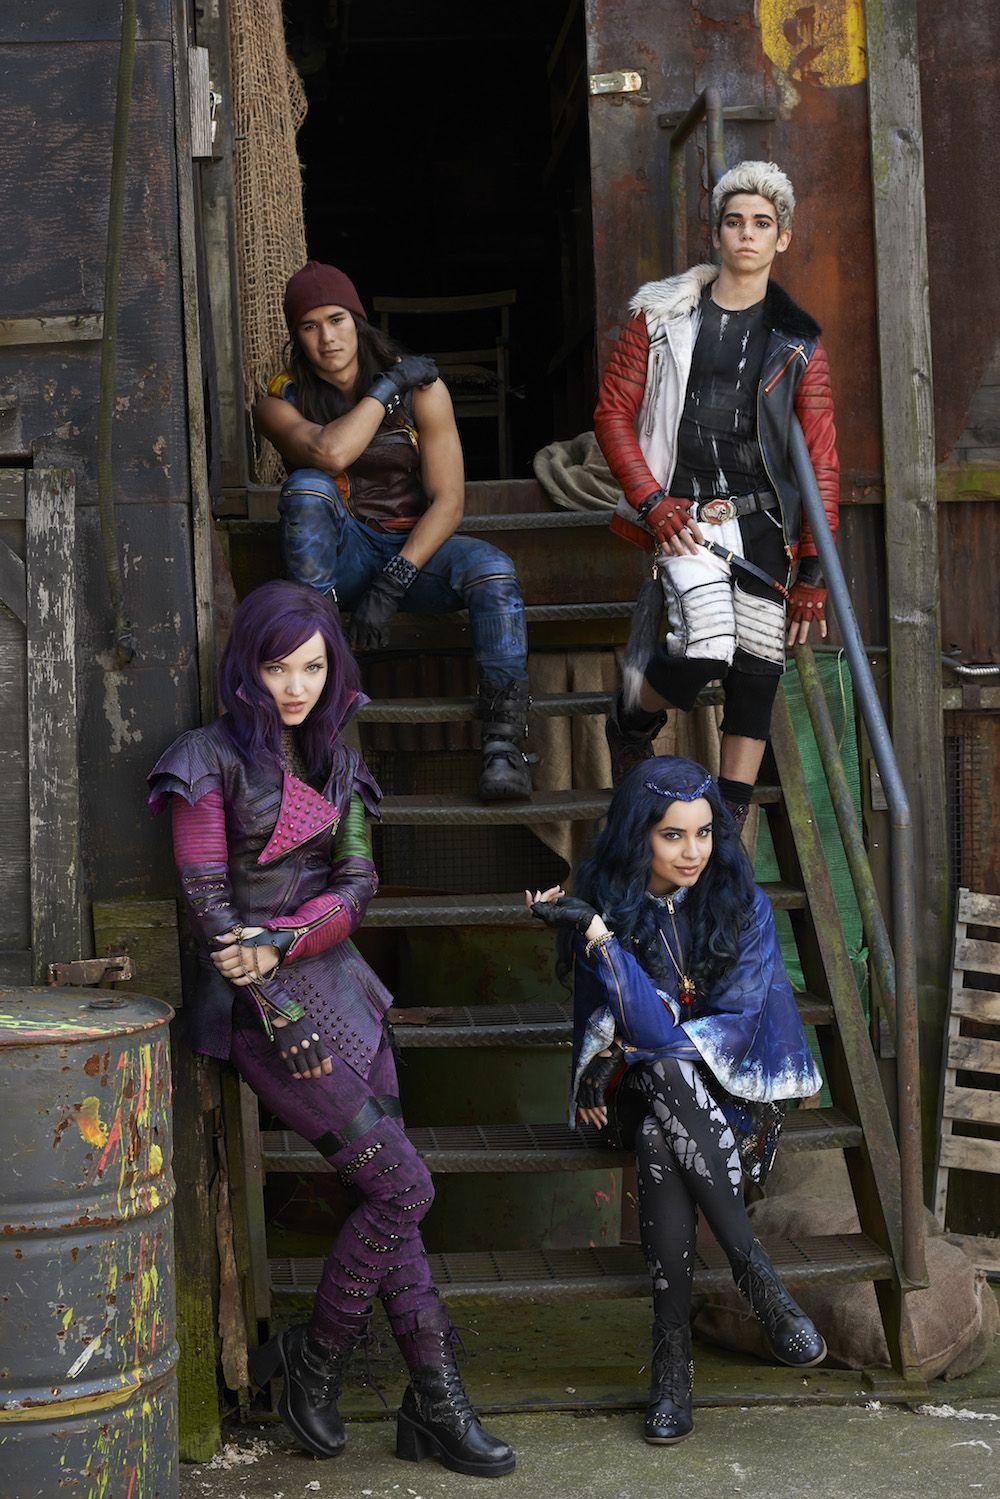 High School Gets Villainous in Disney: Descendants On Disney Channel in 2015